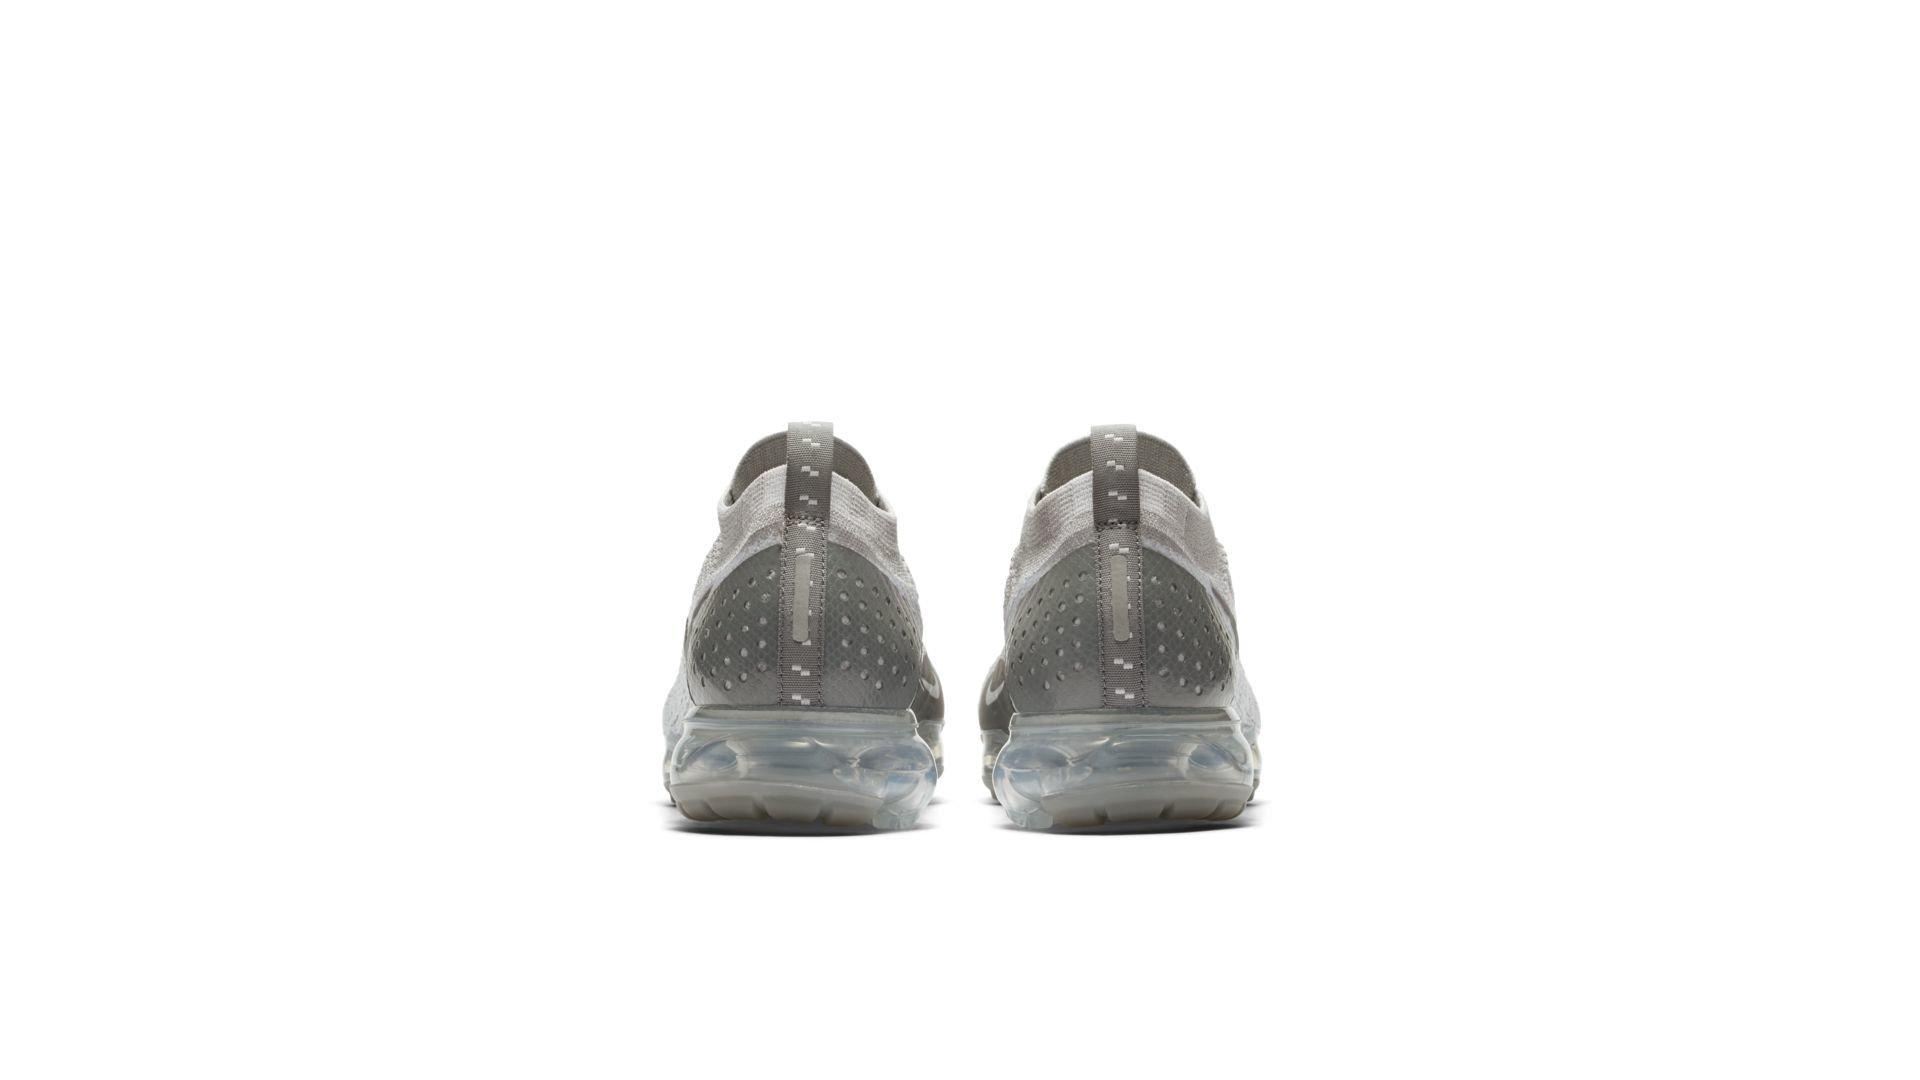 Nike Air VaporMax AV7973-001